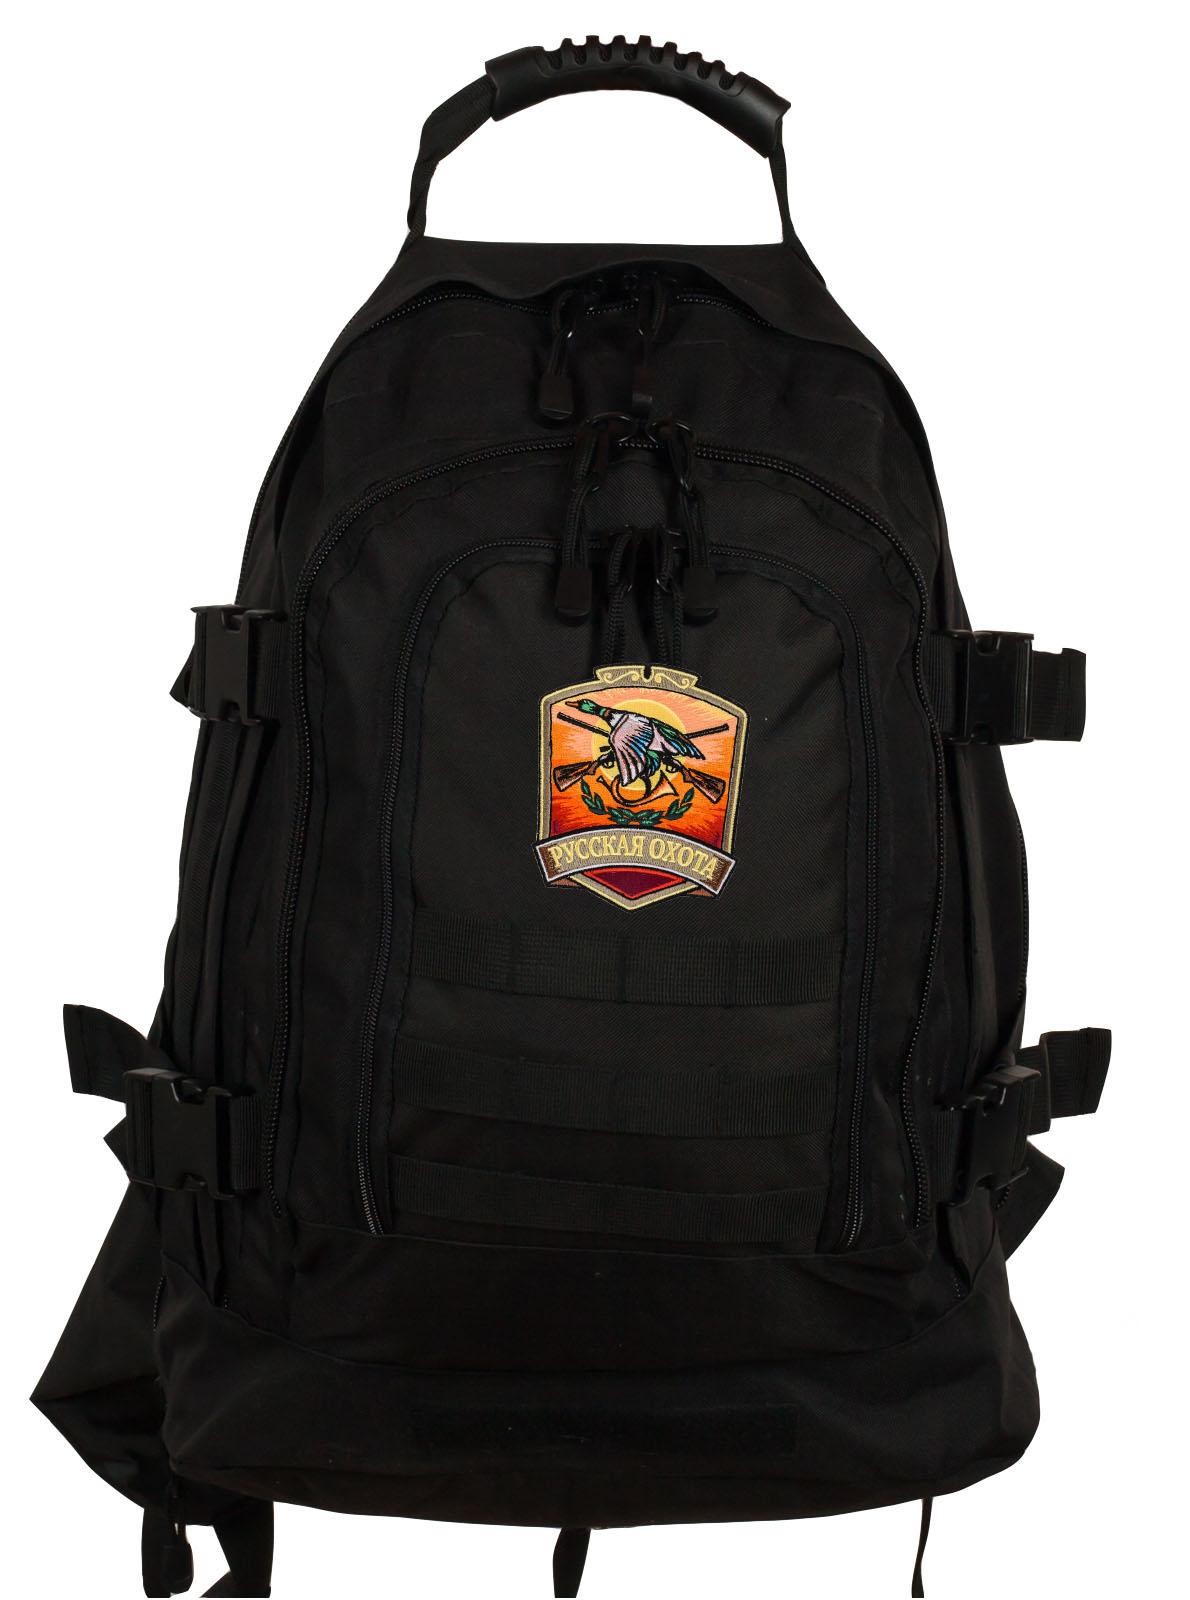 Темный трехдневный рюкзак с нашивкой Русская Охота - купить оптом